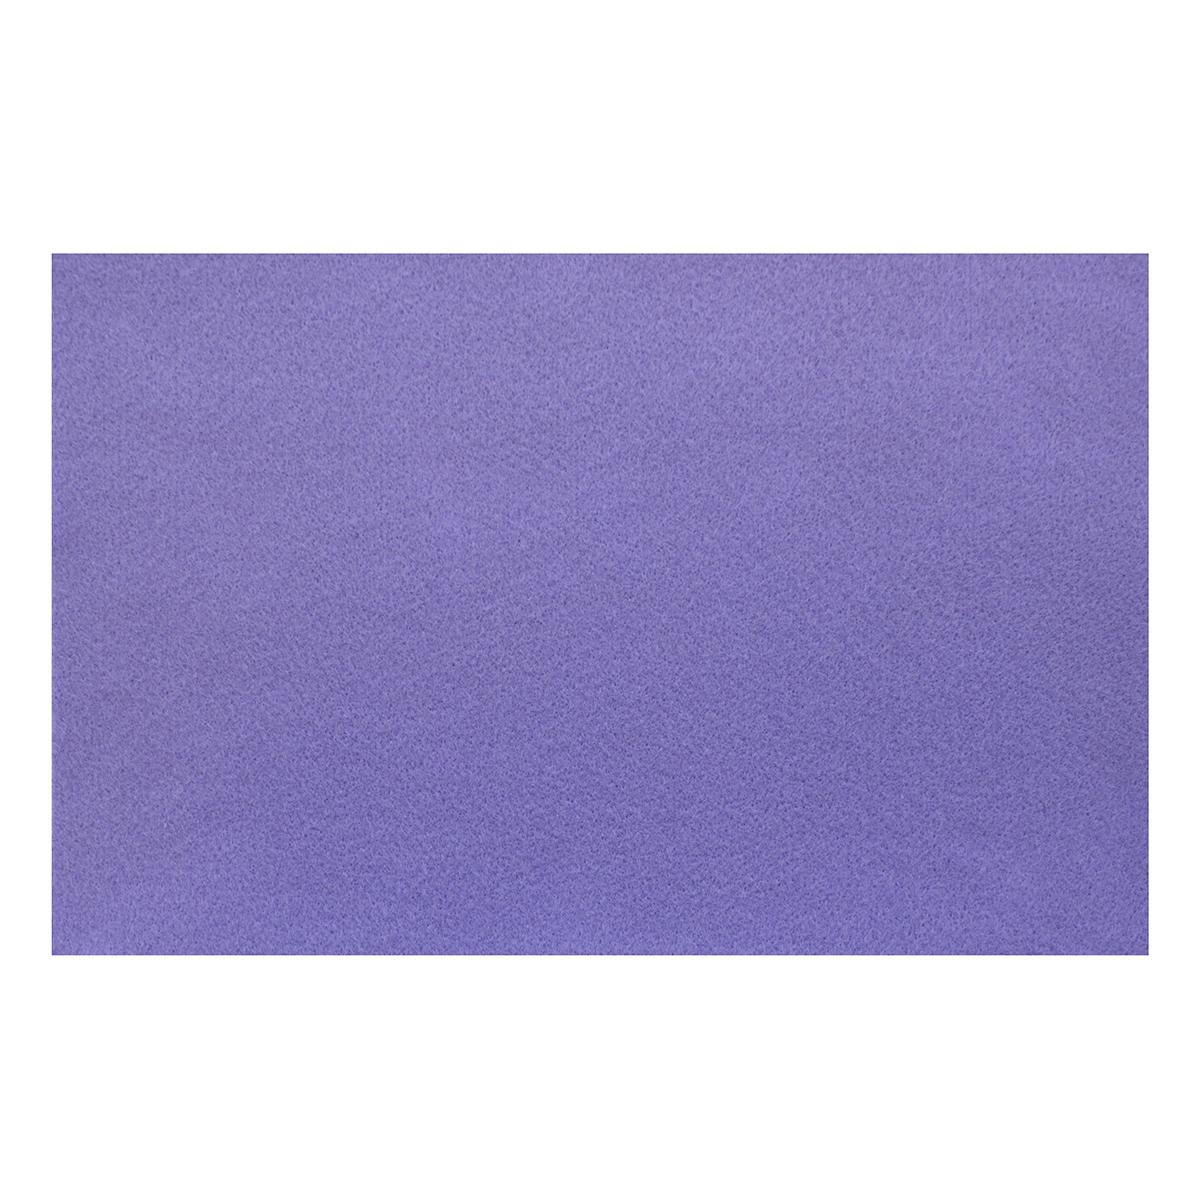 Фетр для творчества Glorex, цвет: лиловый, 20 x 30 см318727/61212692Фетр для творчества Glorex изготовлен из 100% полиэстера. Фетр является отличным материалом для декора и флористики. Используется для изготовления открыток ручной работы и скрап-страничек, для создания бижутерии и многого другого.